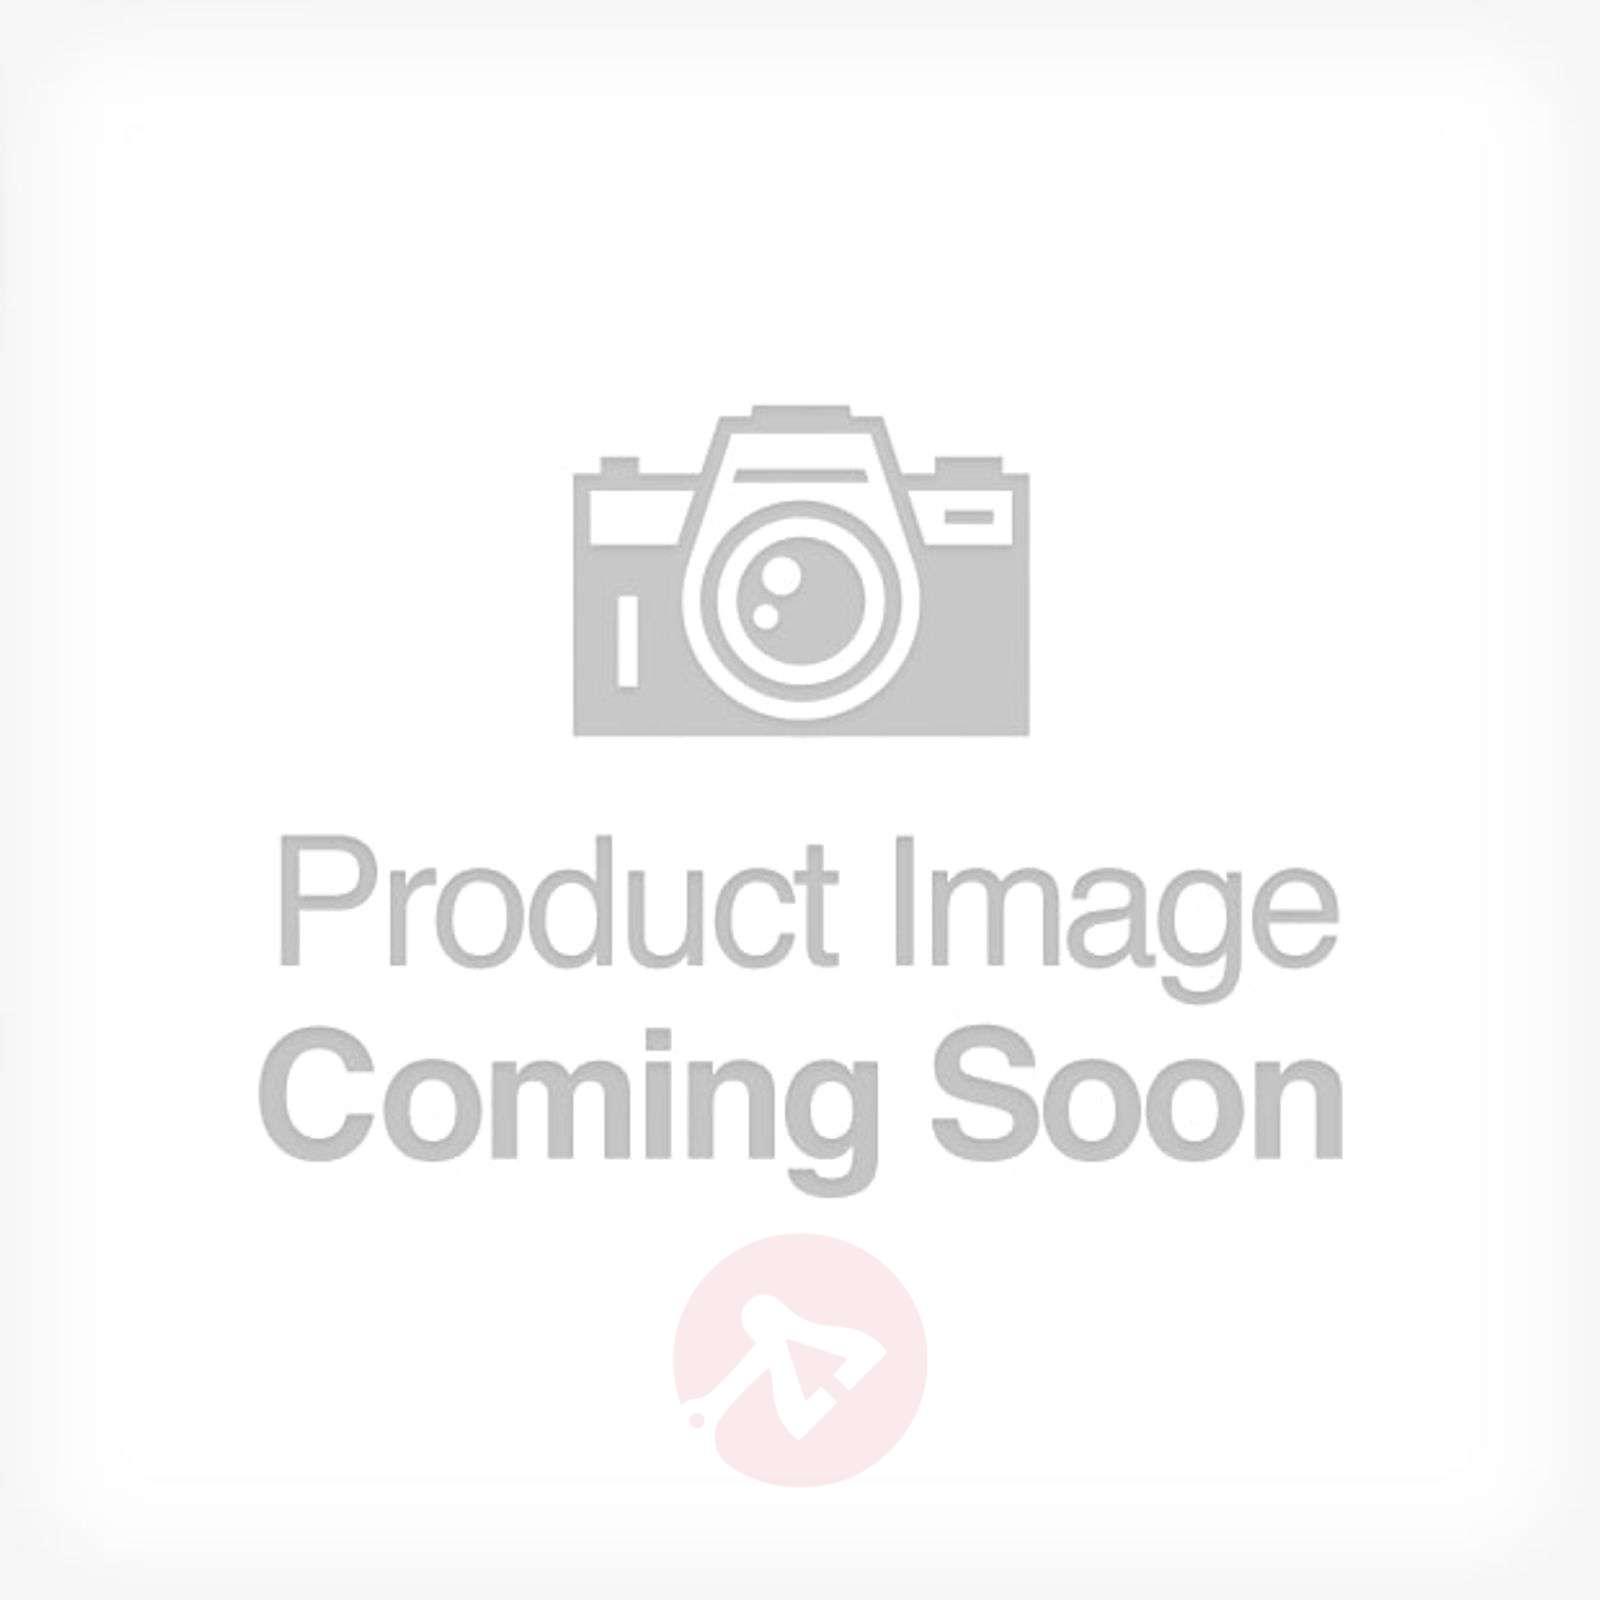 Pyöreä SHINING POT-ruukku, 3 kokoa-1004022X-03